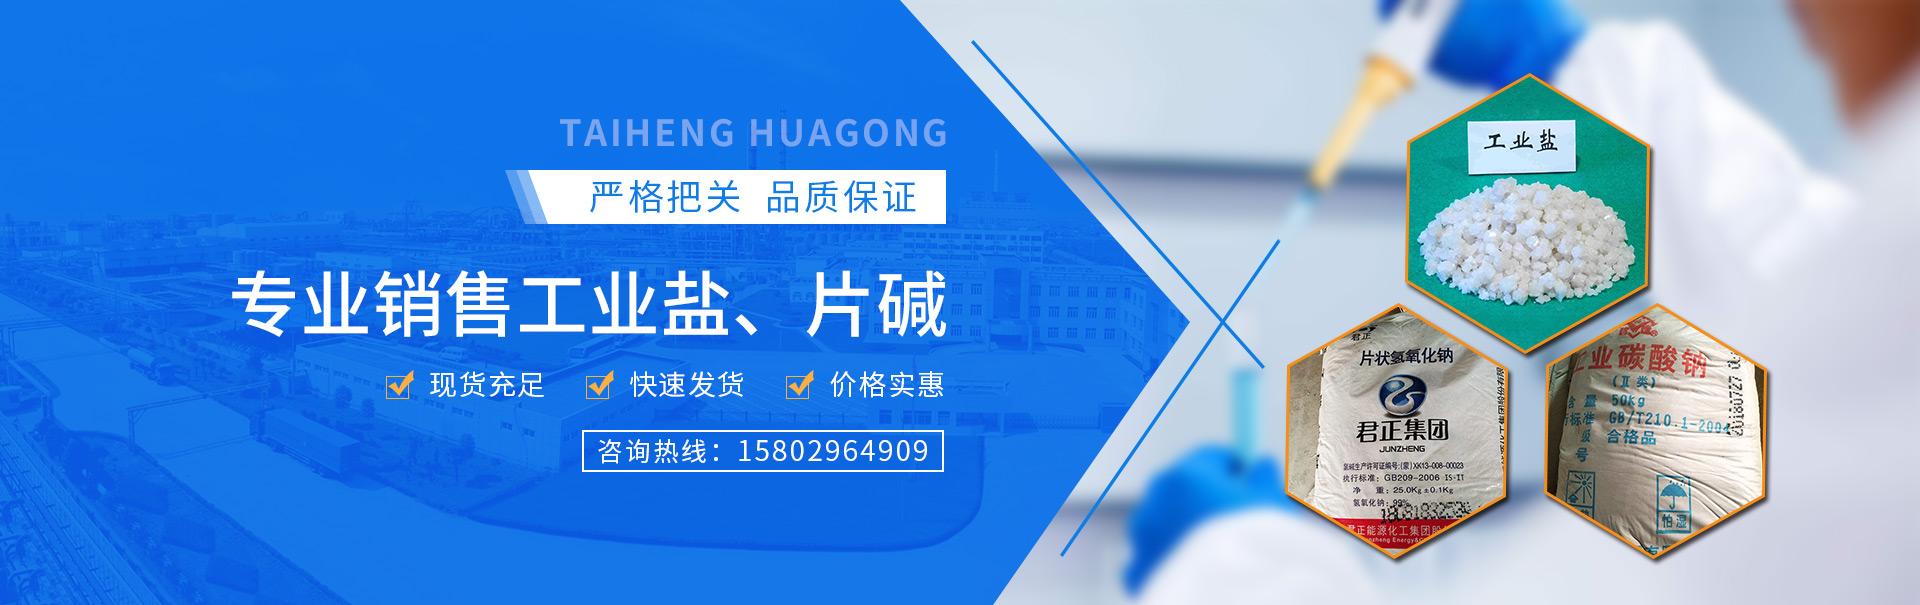 陕西泰亨化工材料有限公司